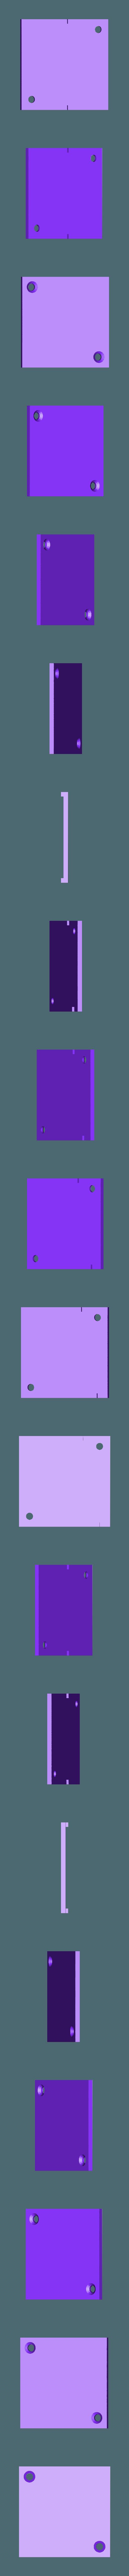 coperchio.stl Télécharger fichier STL gratuit Distributore corente • Modèle pour impression 3D, Scigola